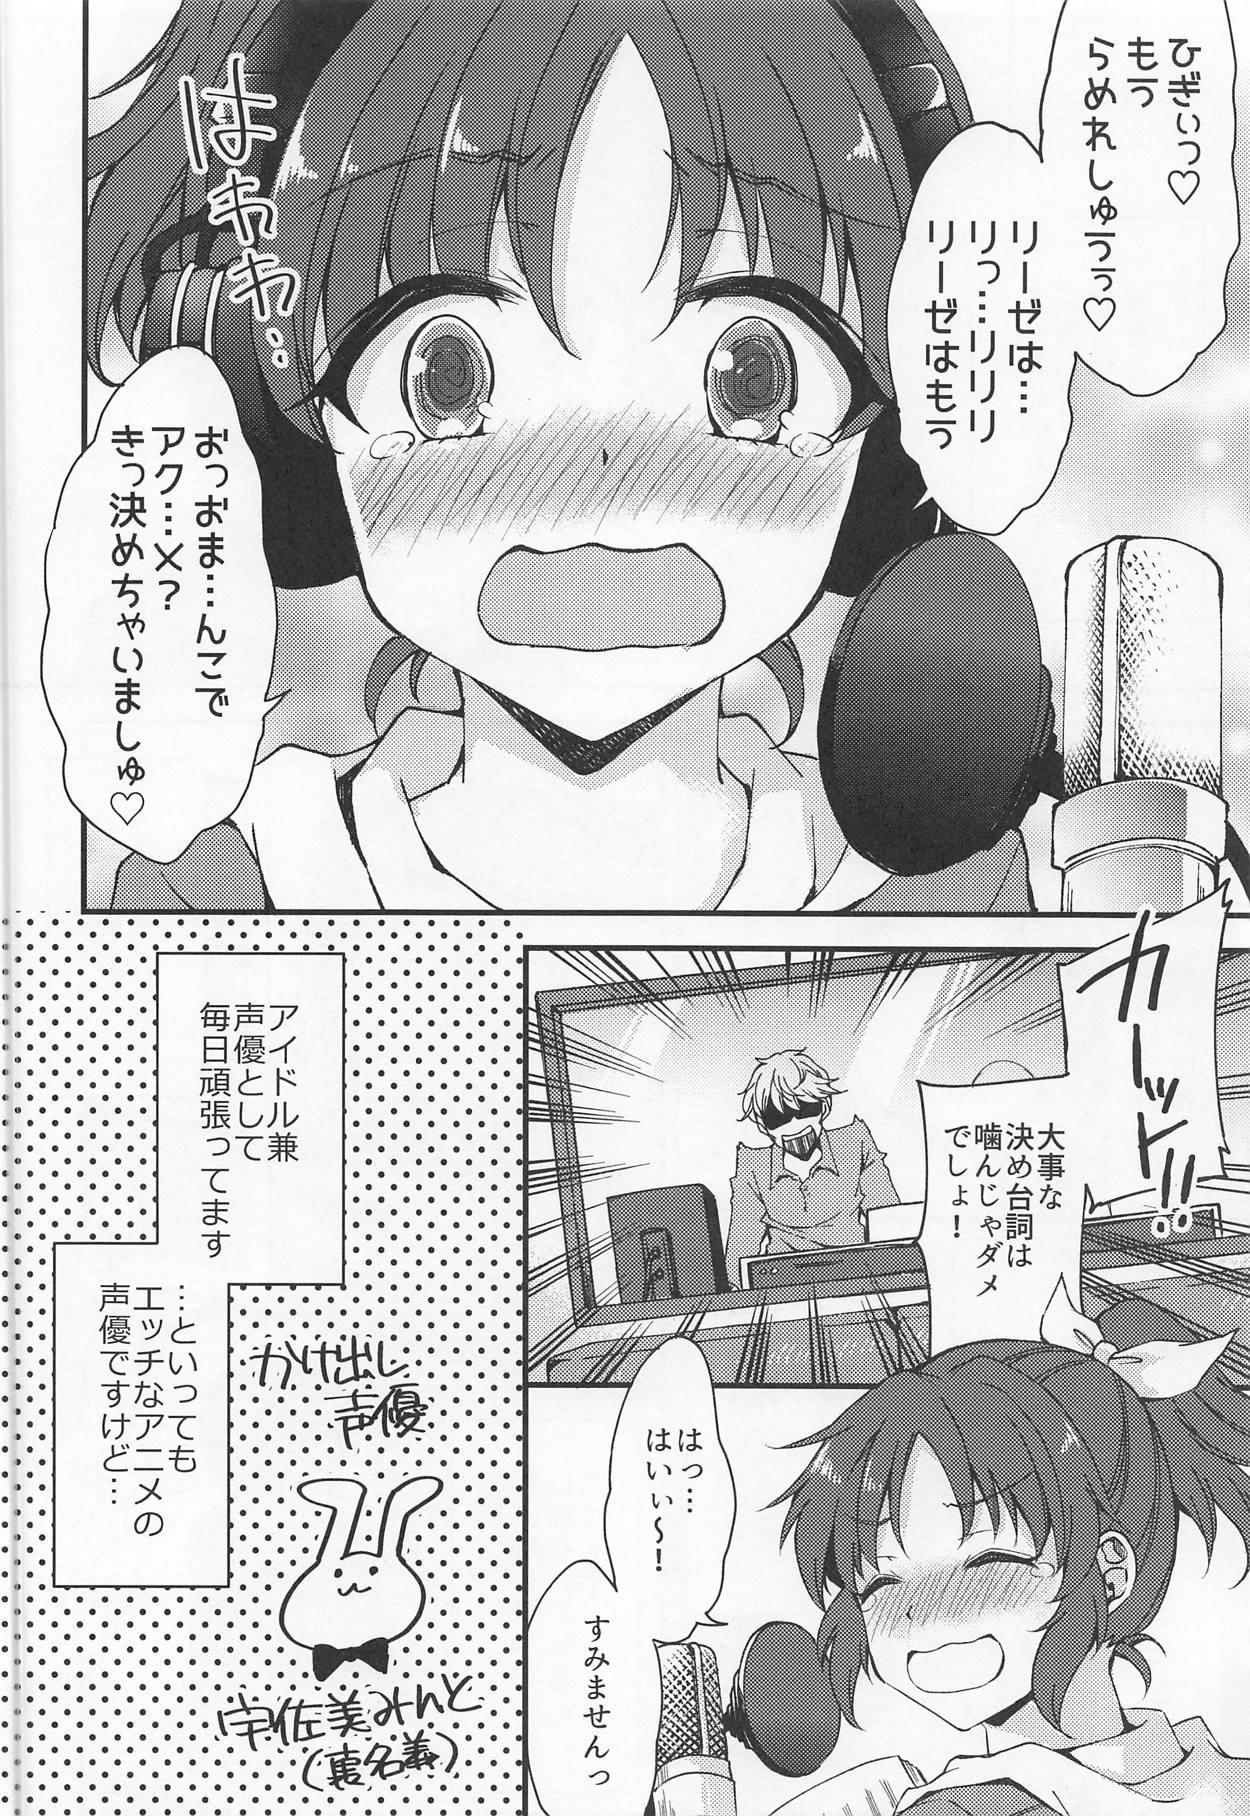 Nana, Ganbarimasu! - I will do my best! 2